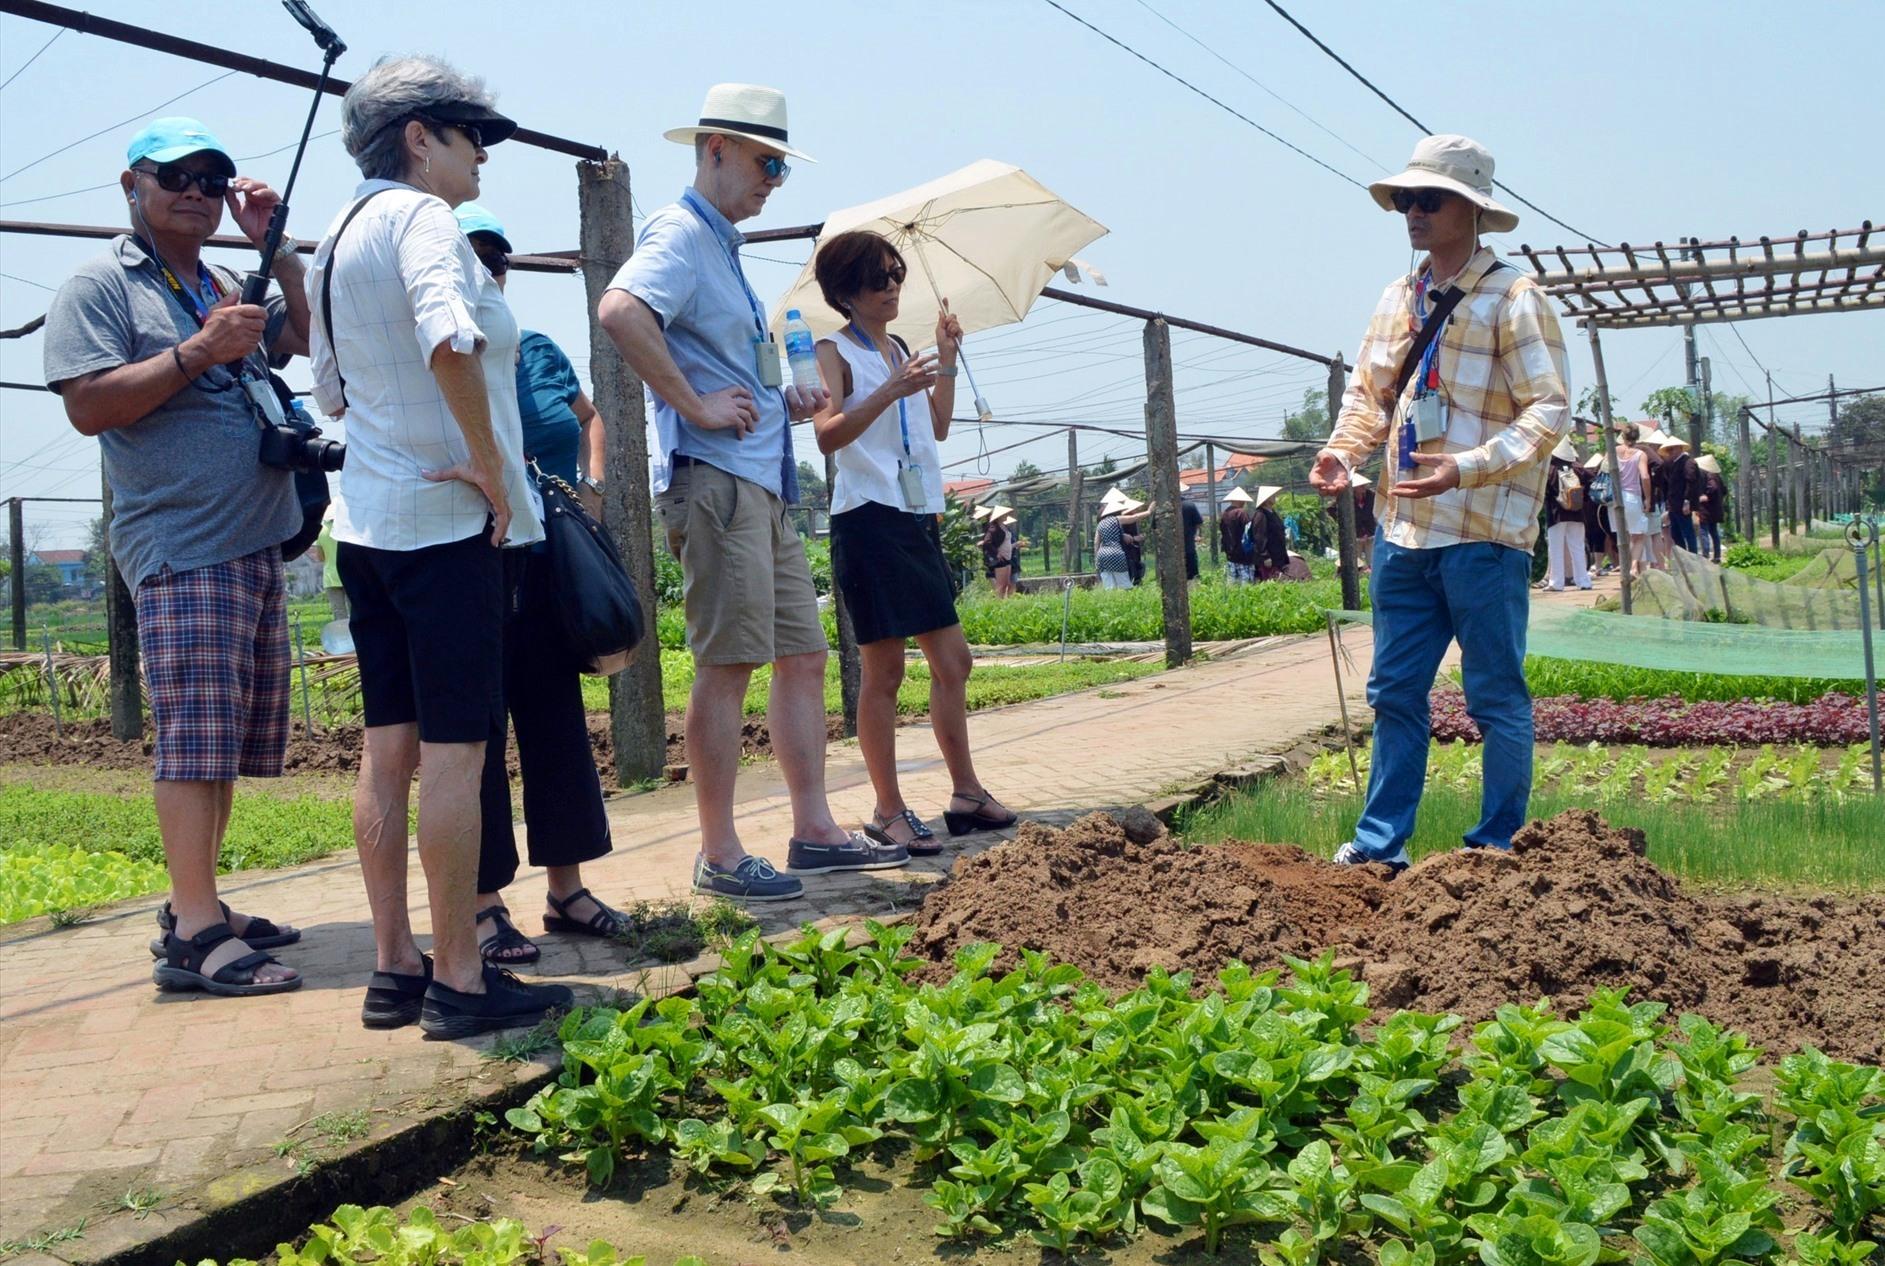 Quảng Nam sẽ phát triển du lịch xanh trong những năm đến